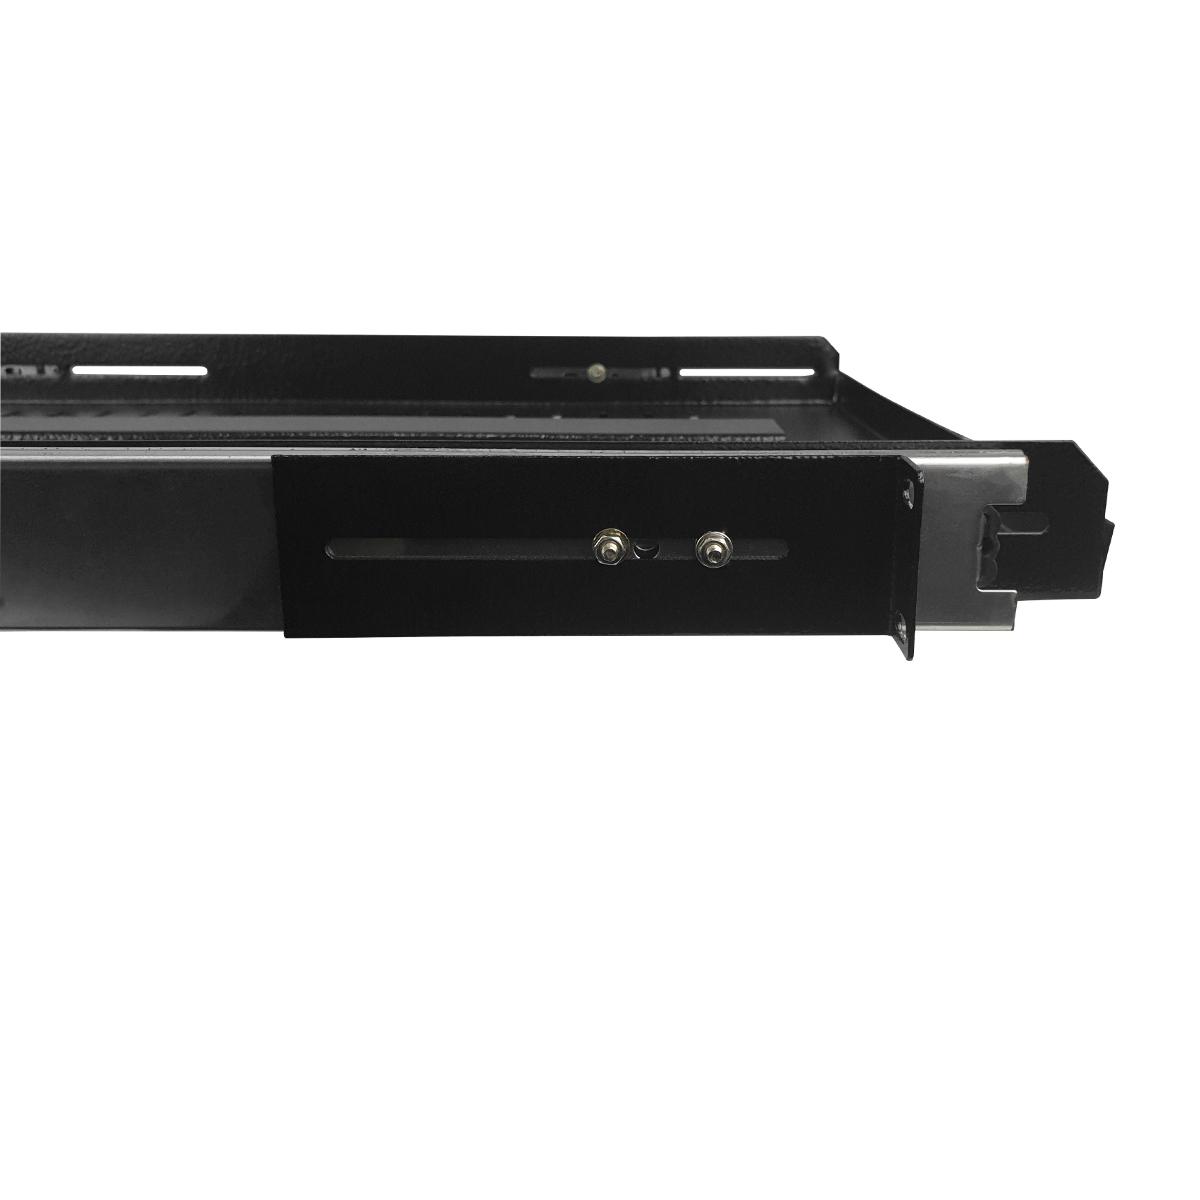 Bandeja Móvel Ventilada 1 U x 600 mm - Preto